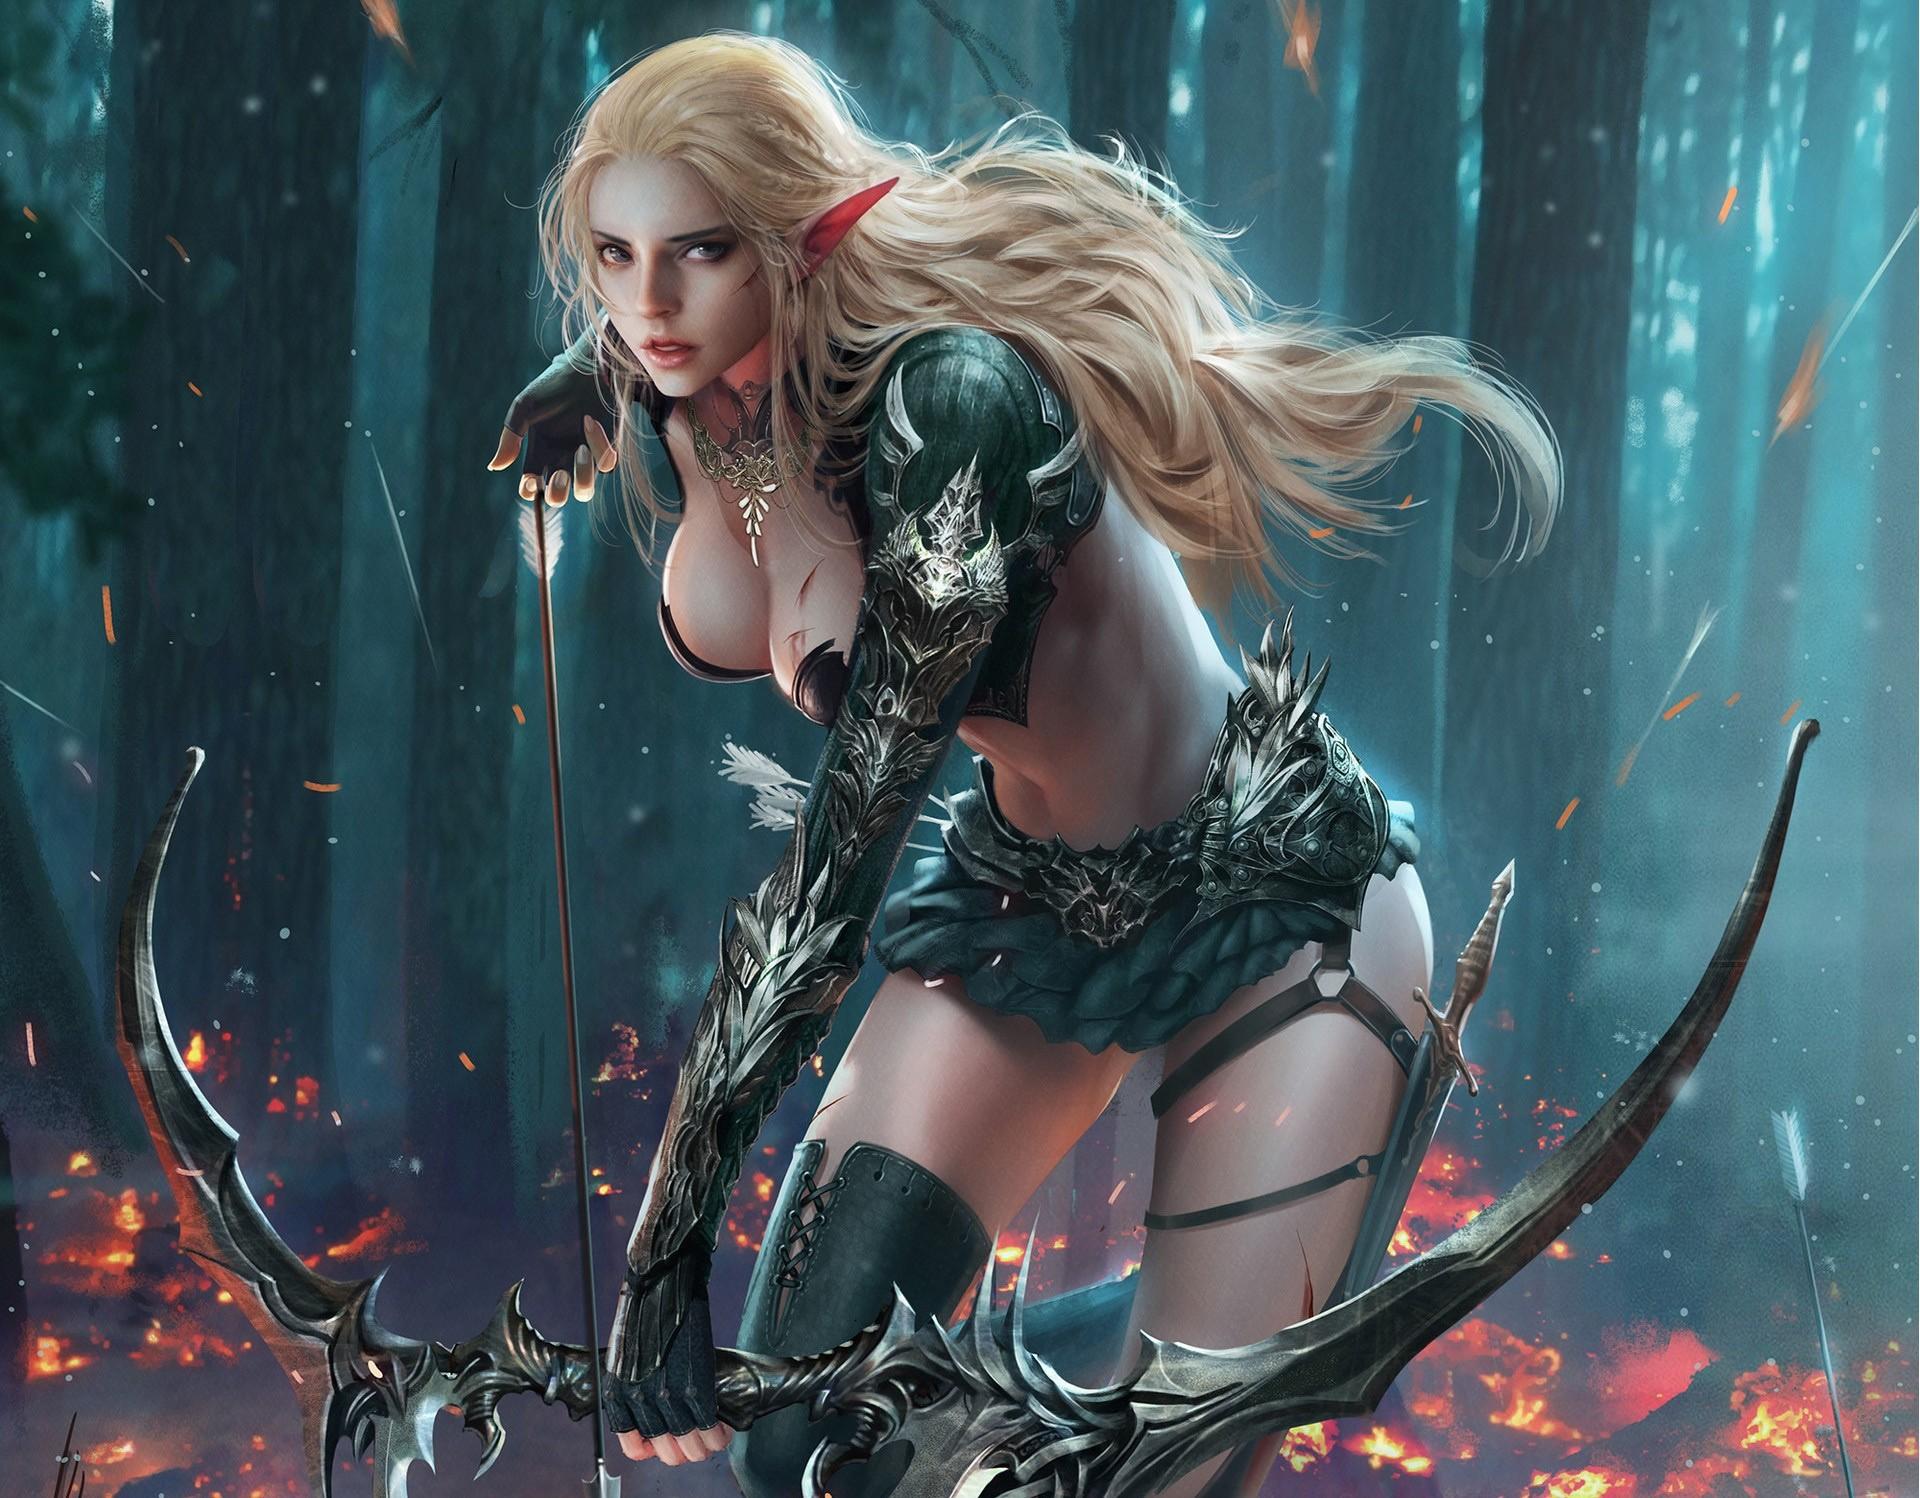 Wallpaper : Fantasy Art, Fantasy Girl, Anime, Archer